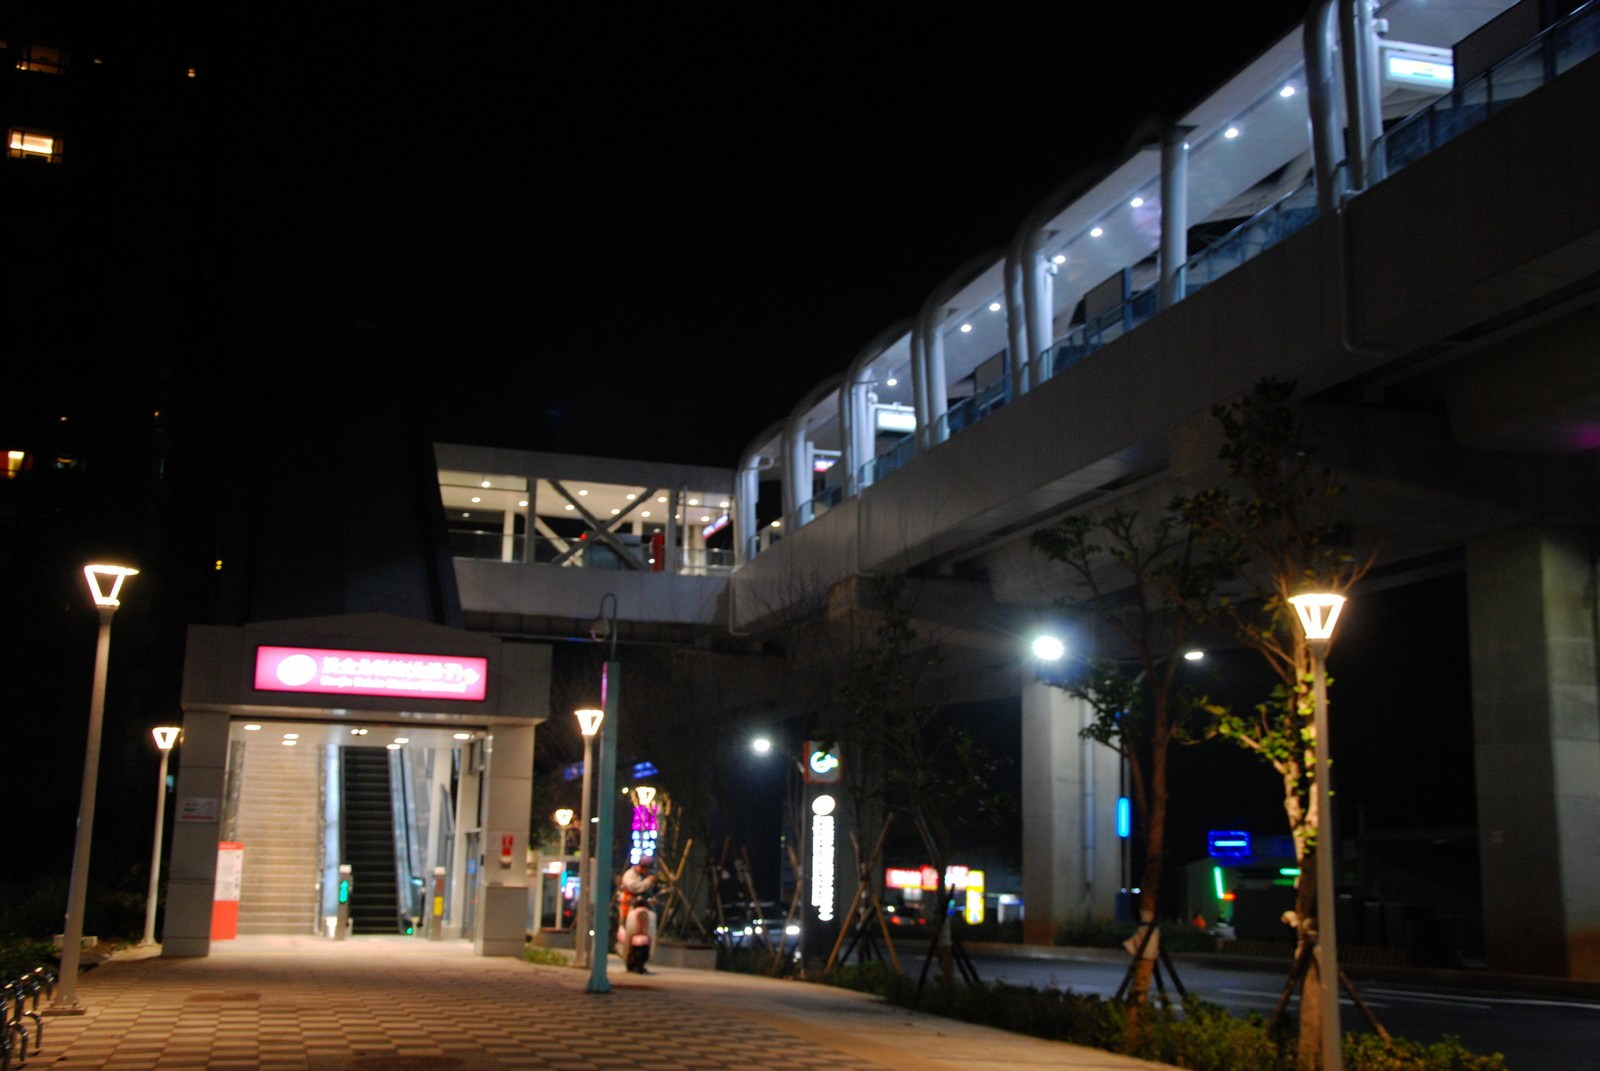 淡海輕軌綠山線, 輕軌淡金北新站(北投子), 車站建築主體